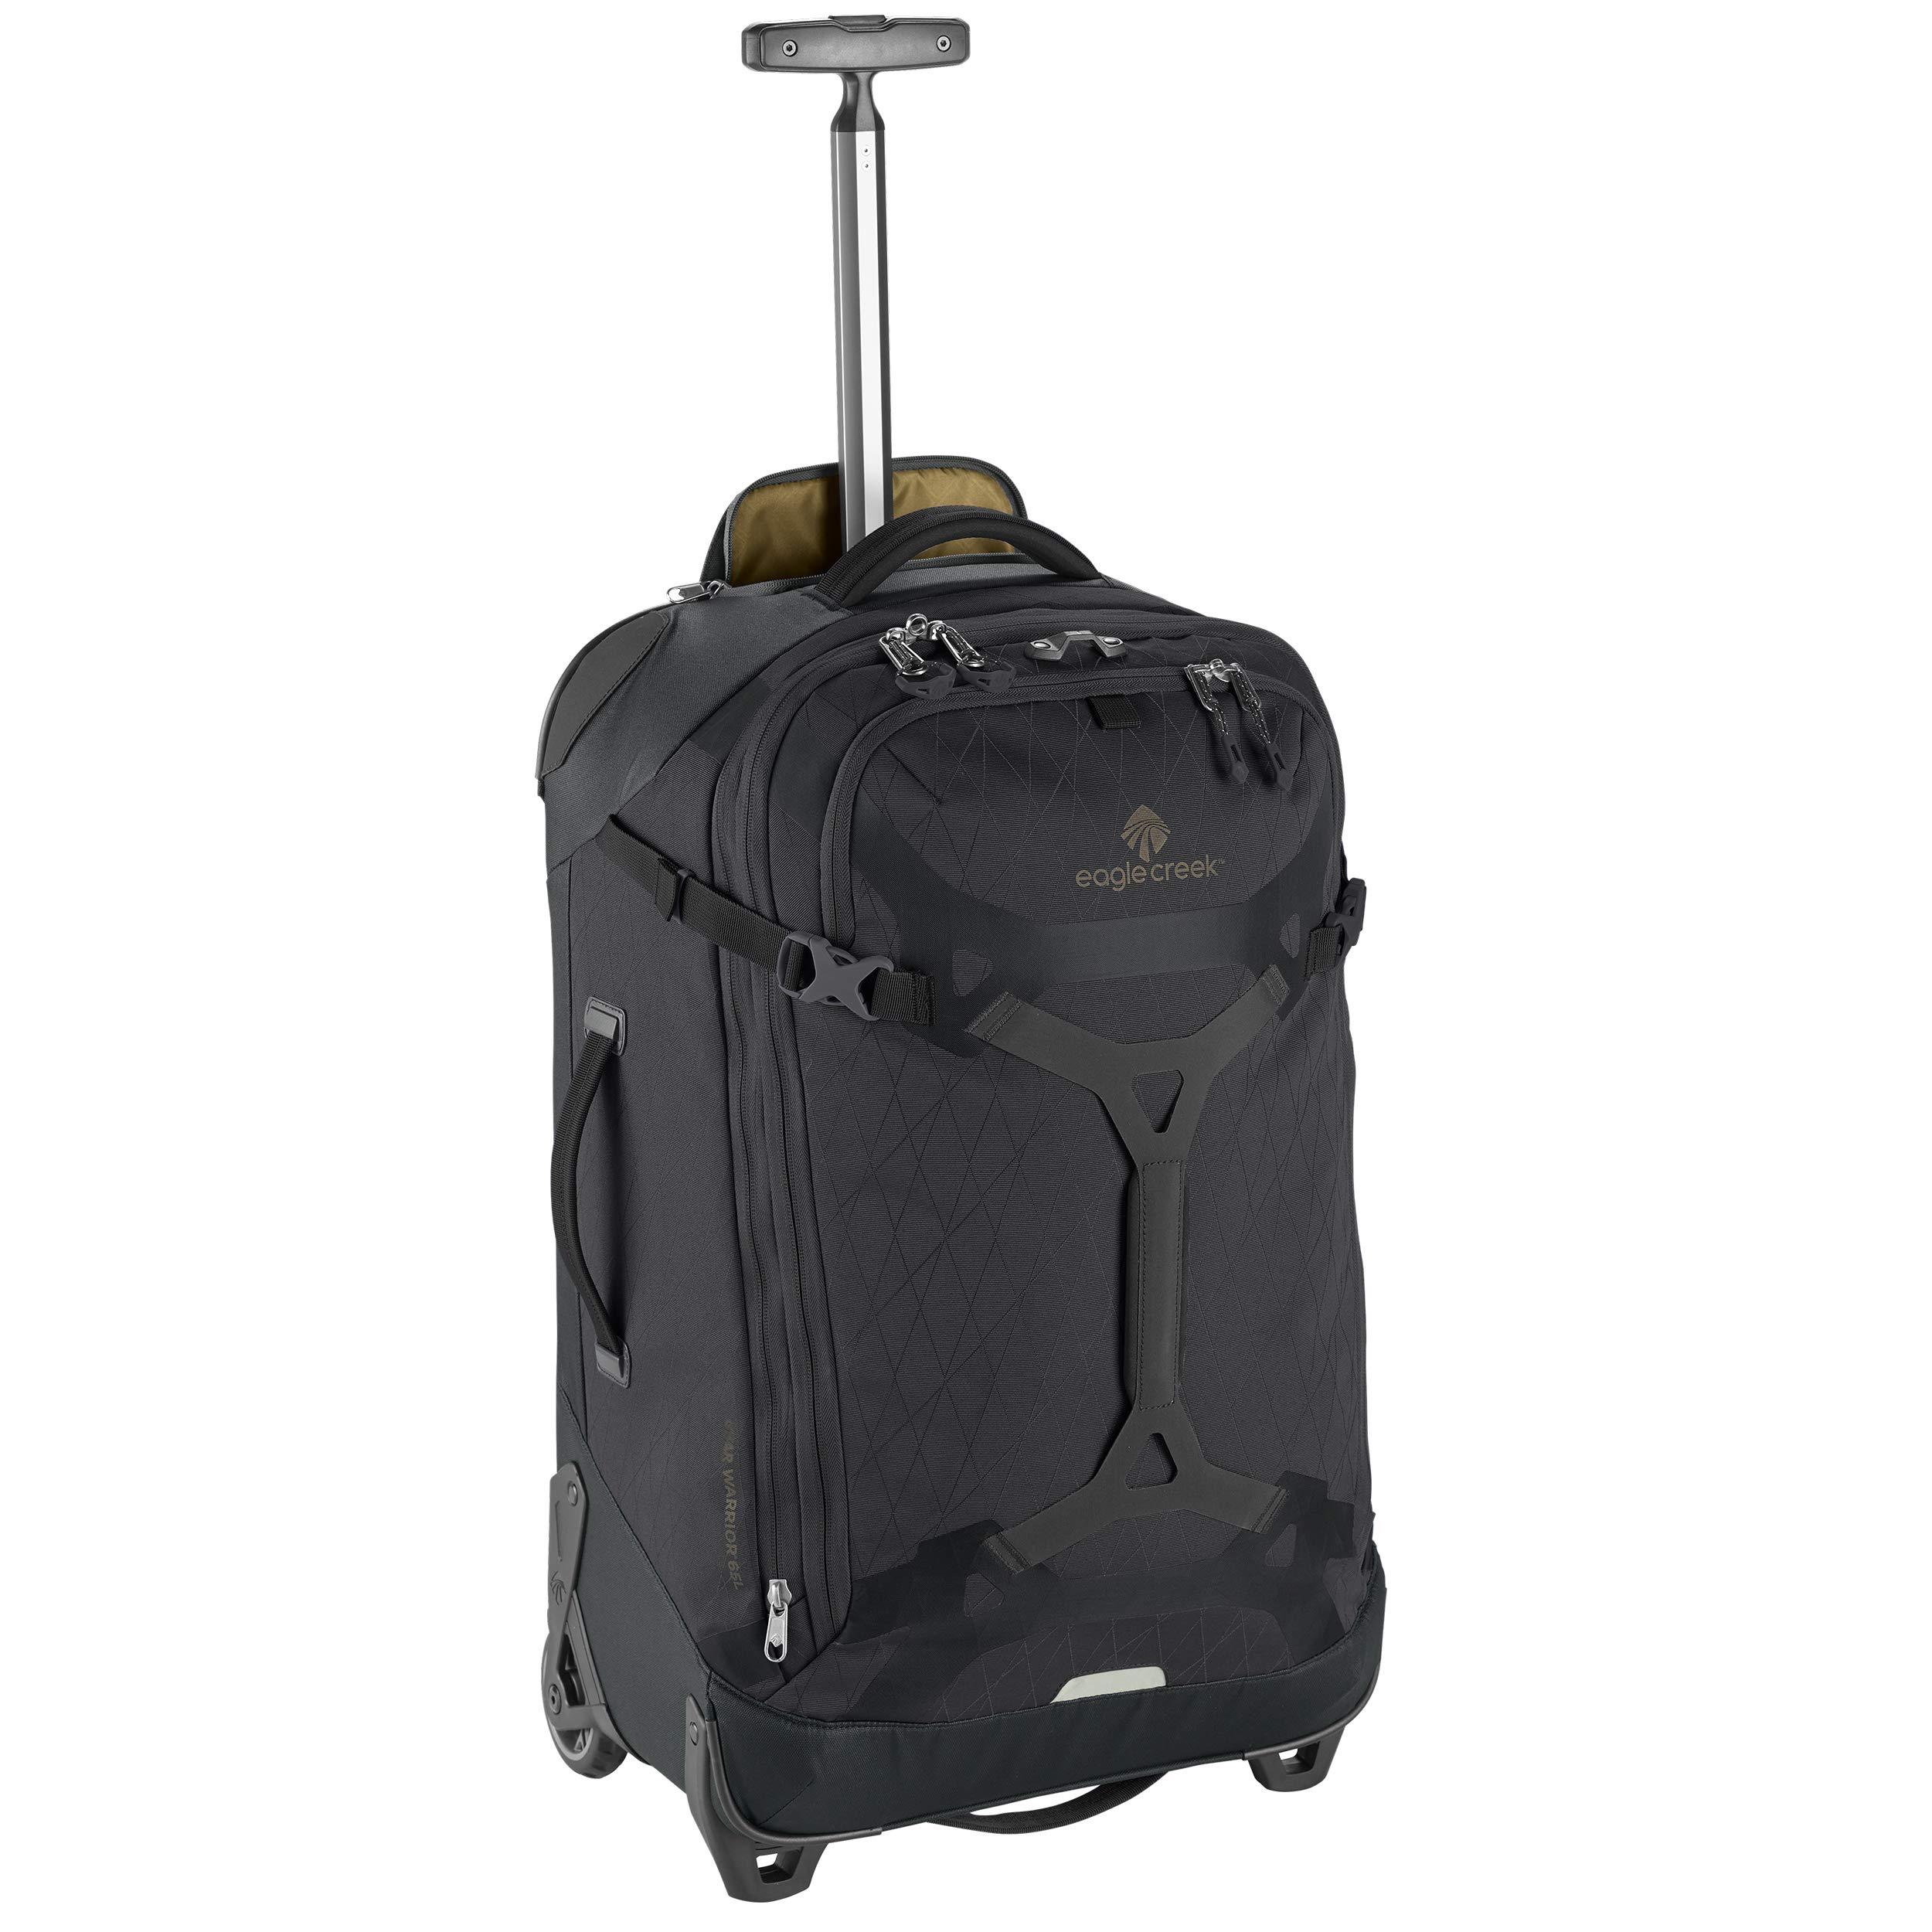 Eagle Creek Gear Warrior 2-Wheel Rolling Duffel Bag, 26-Inch, Jet Black